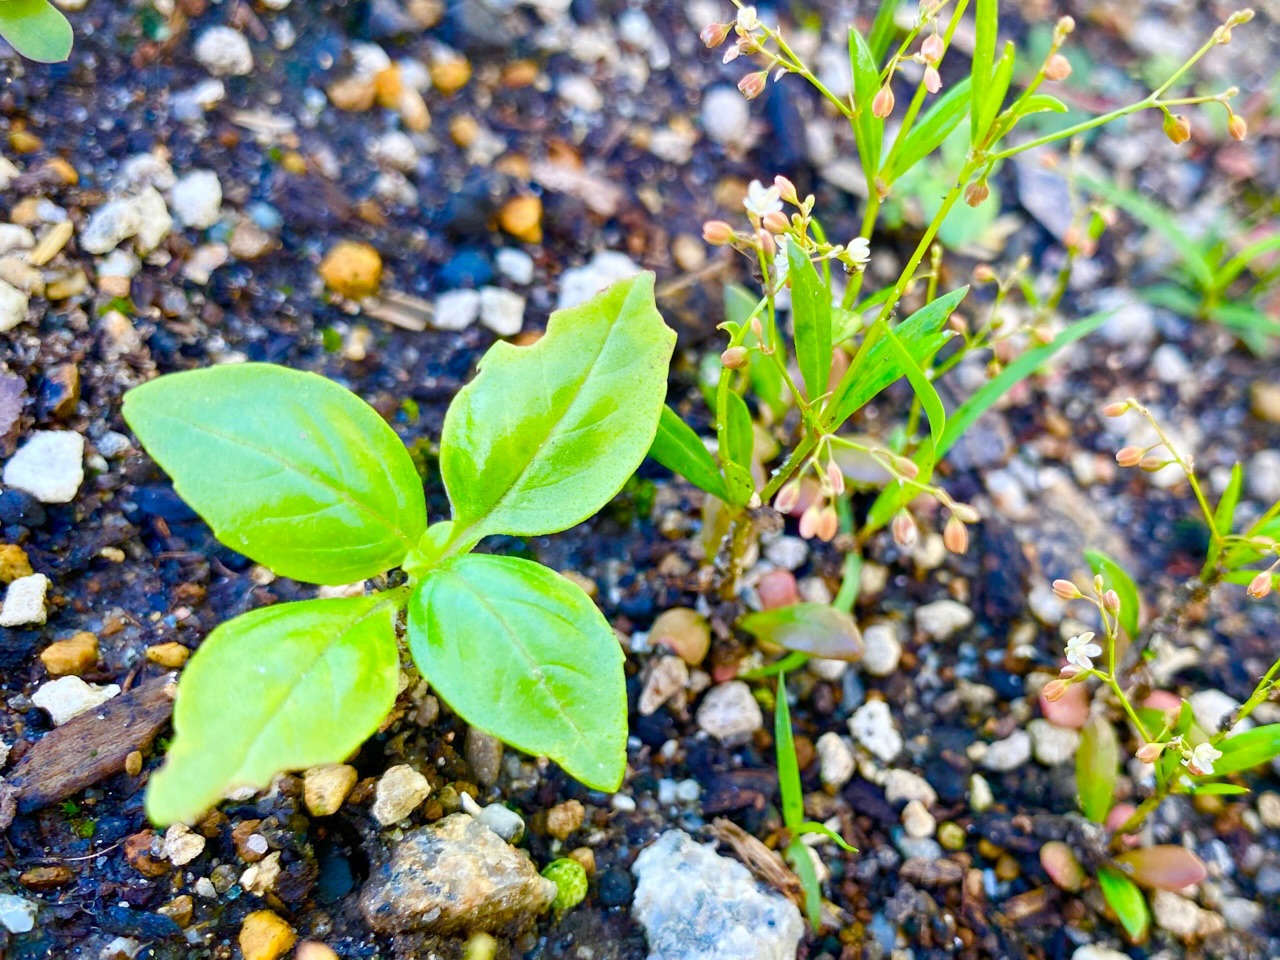 こぼれ種からバジルの芽が出てた(∩´∀`)∩ まだ1つしかないけど去年も1つしか出てこなかったからどうかなぁ。 https://t.co/NBl5dagvVn